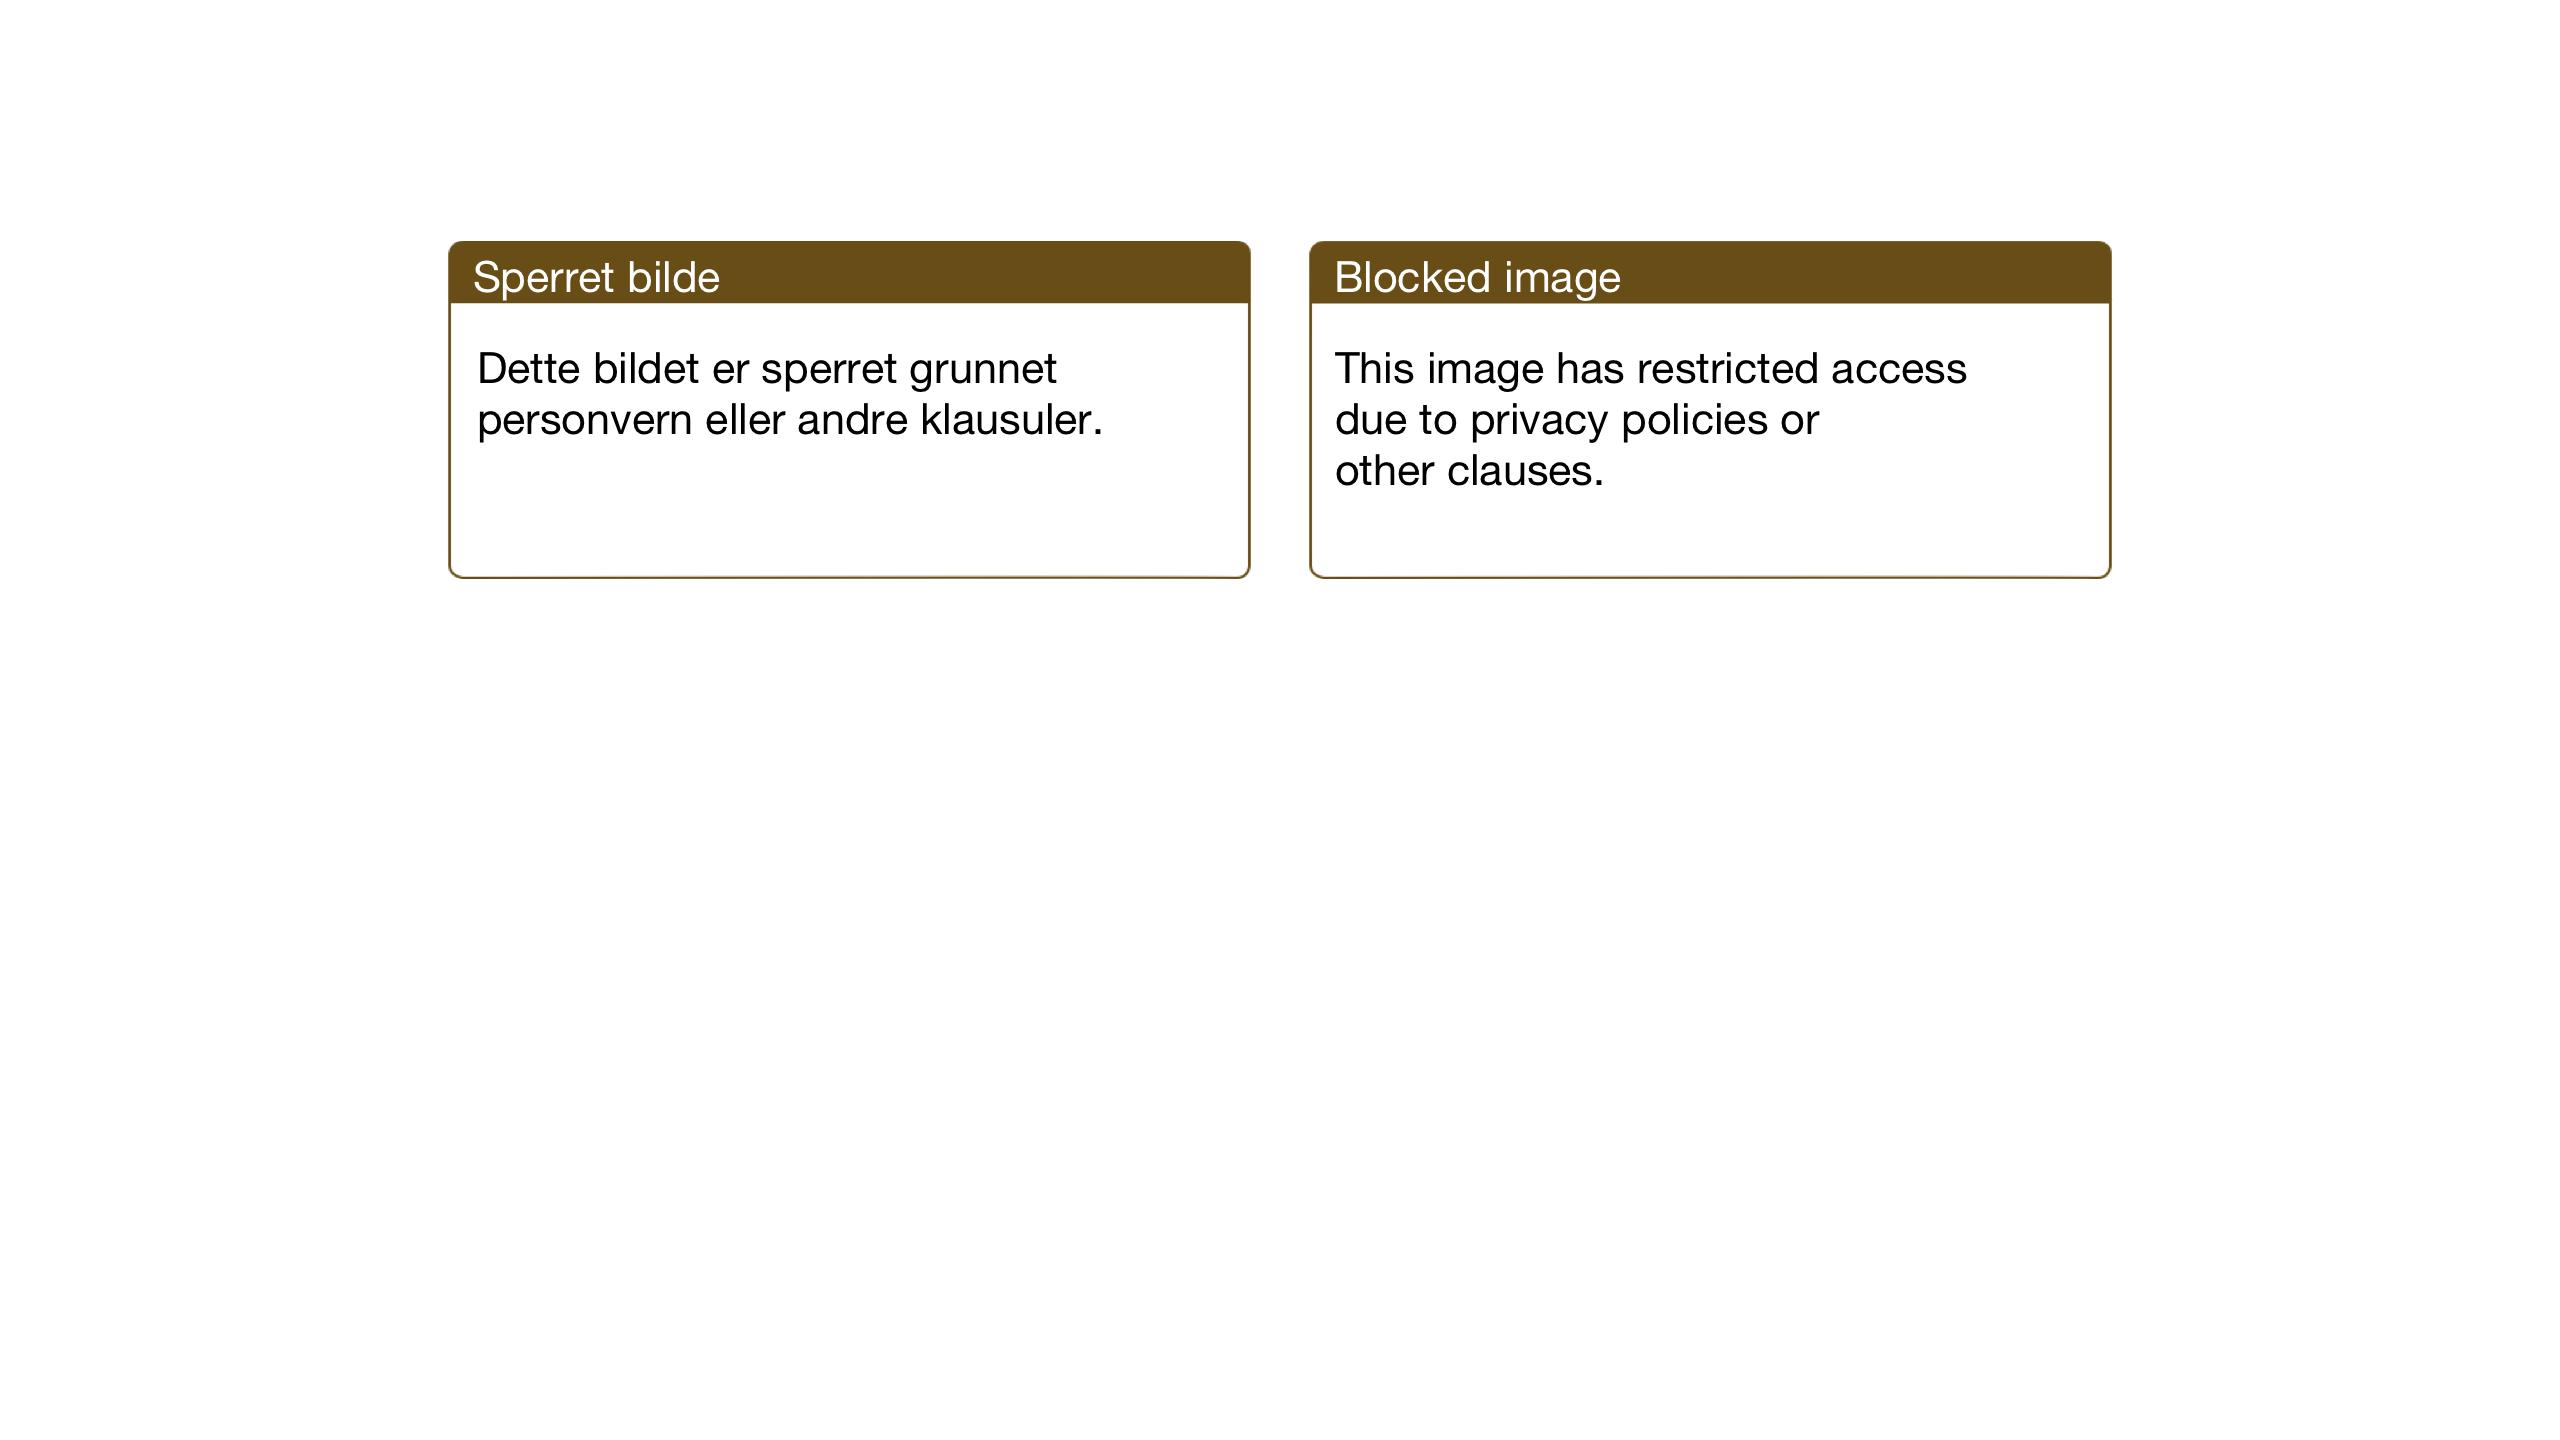 SAT, Ministerialprotokoller, klokkerbøker og fødselsregistre - Sør-Trøndelag, 637/L0564: Klokkerbok nr. 637C05, 1928-1968, s. 147